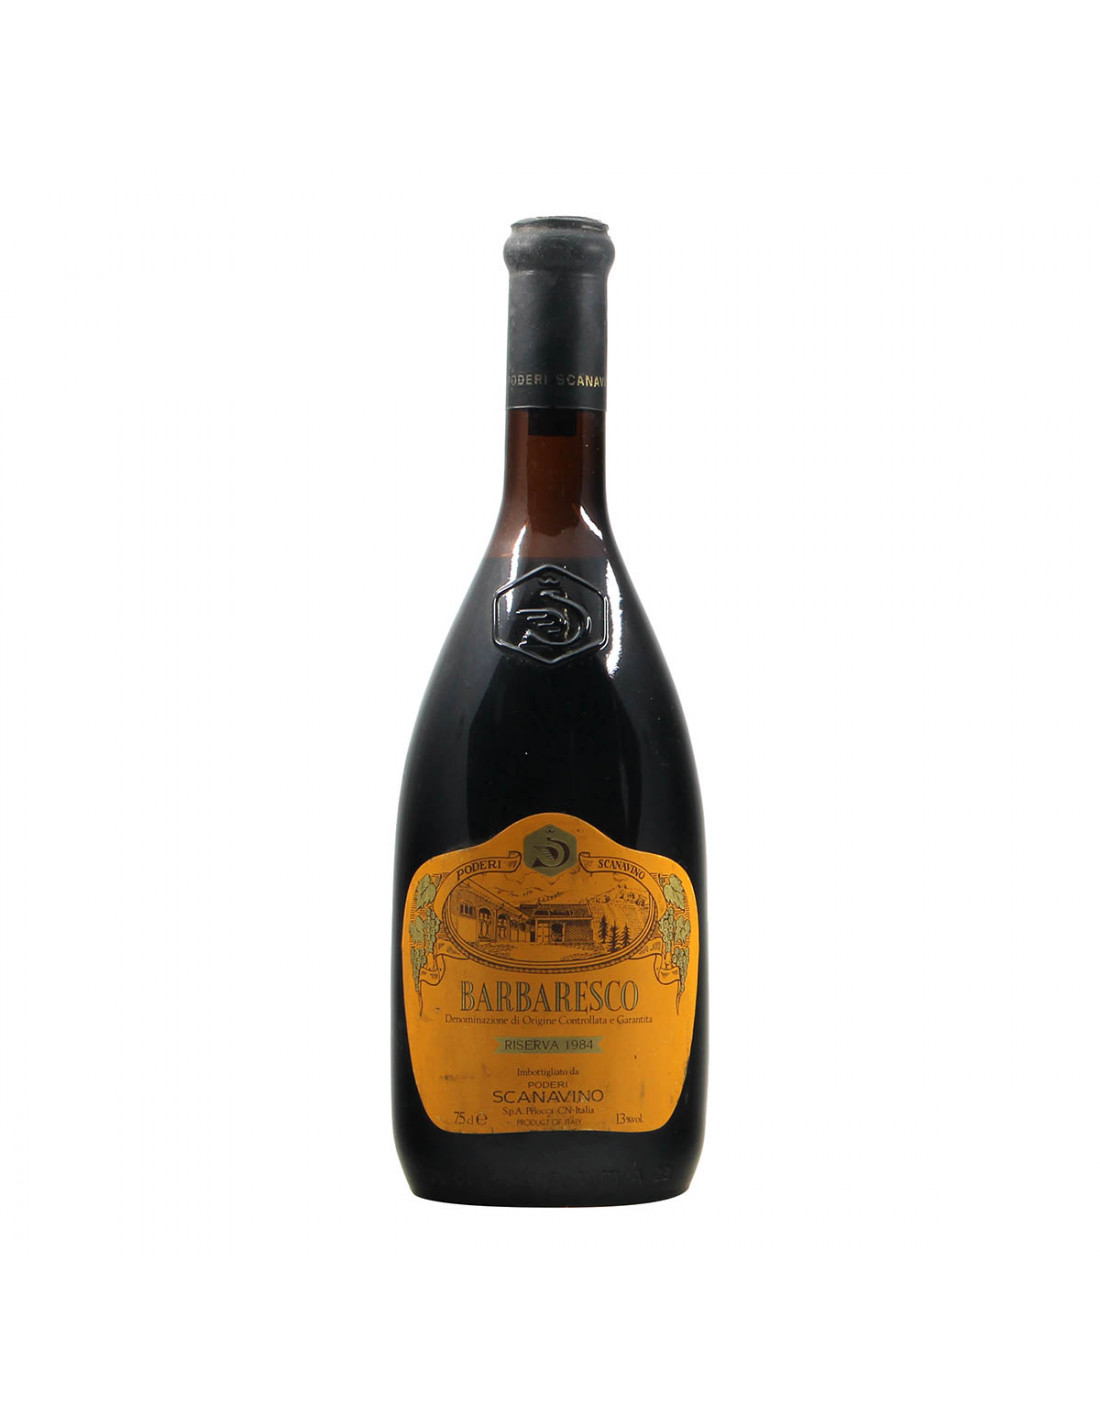 Scanavino Barbaresco Riserva 1984 Grandi Bottiglie